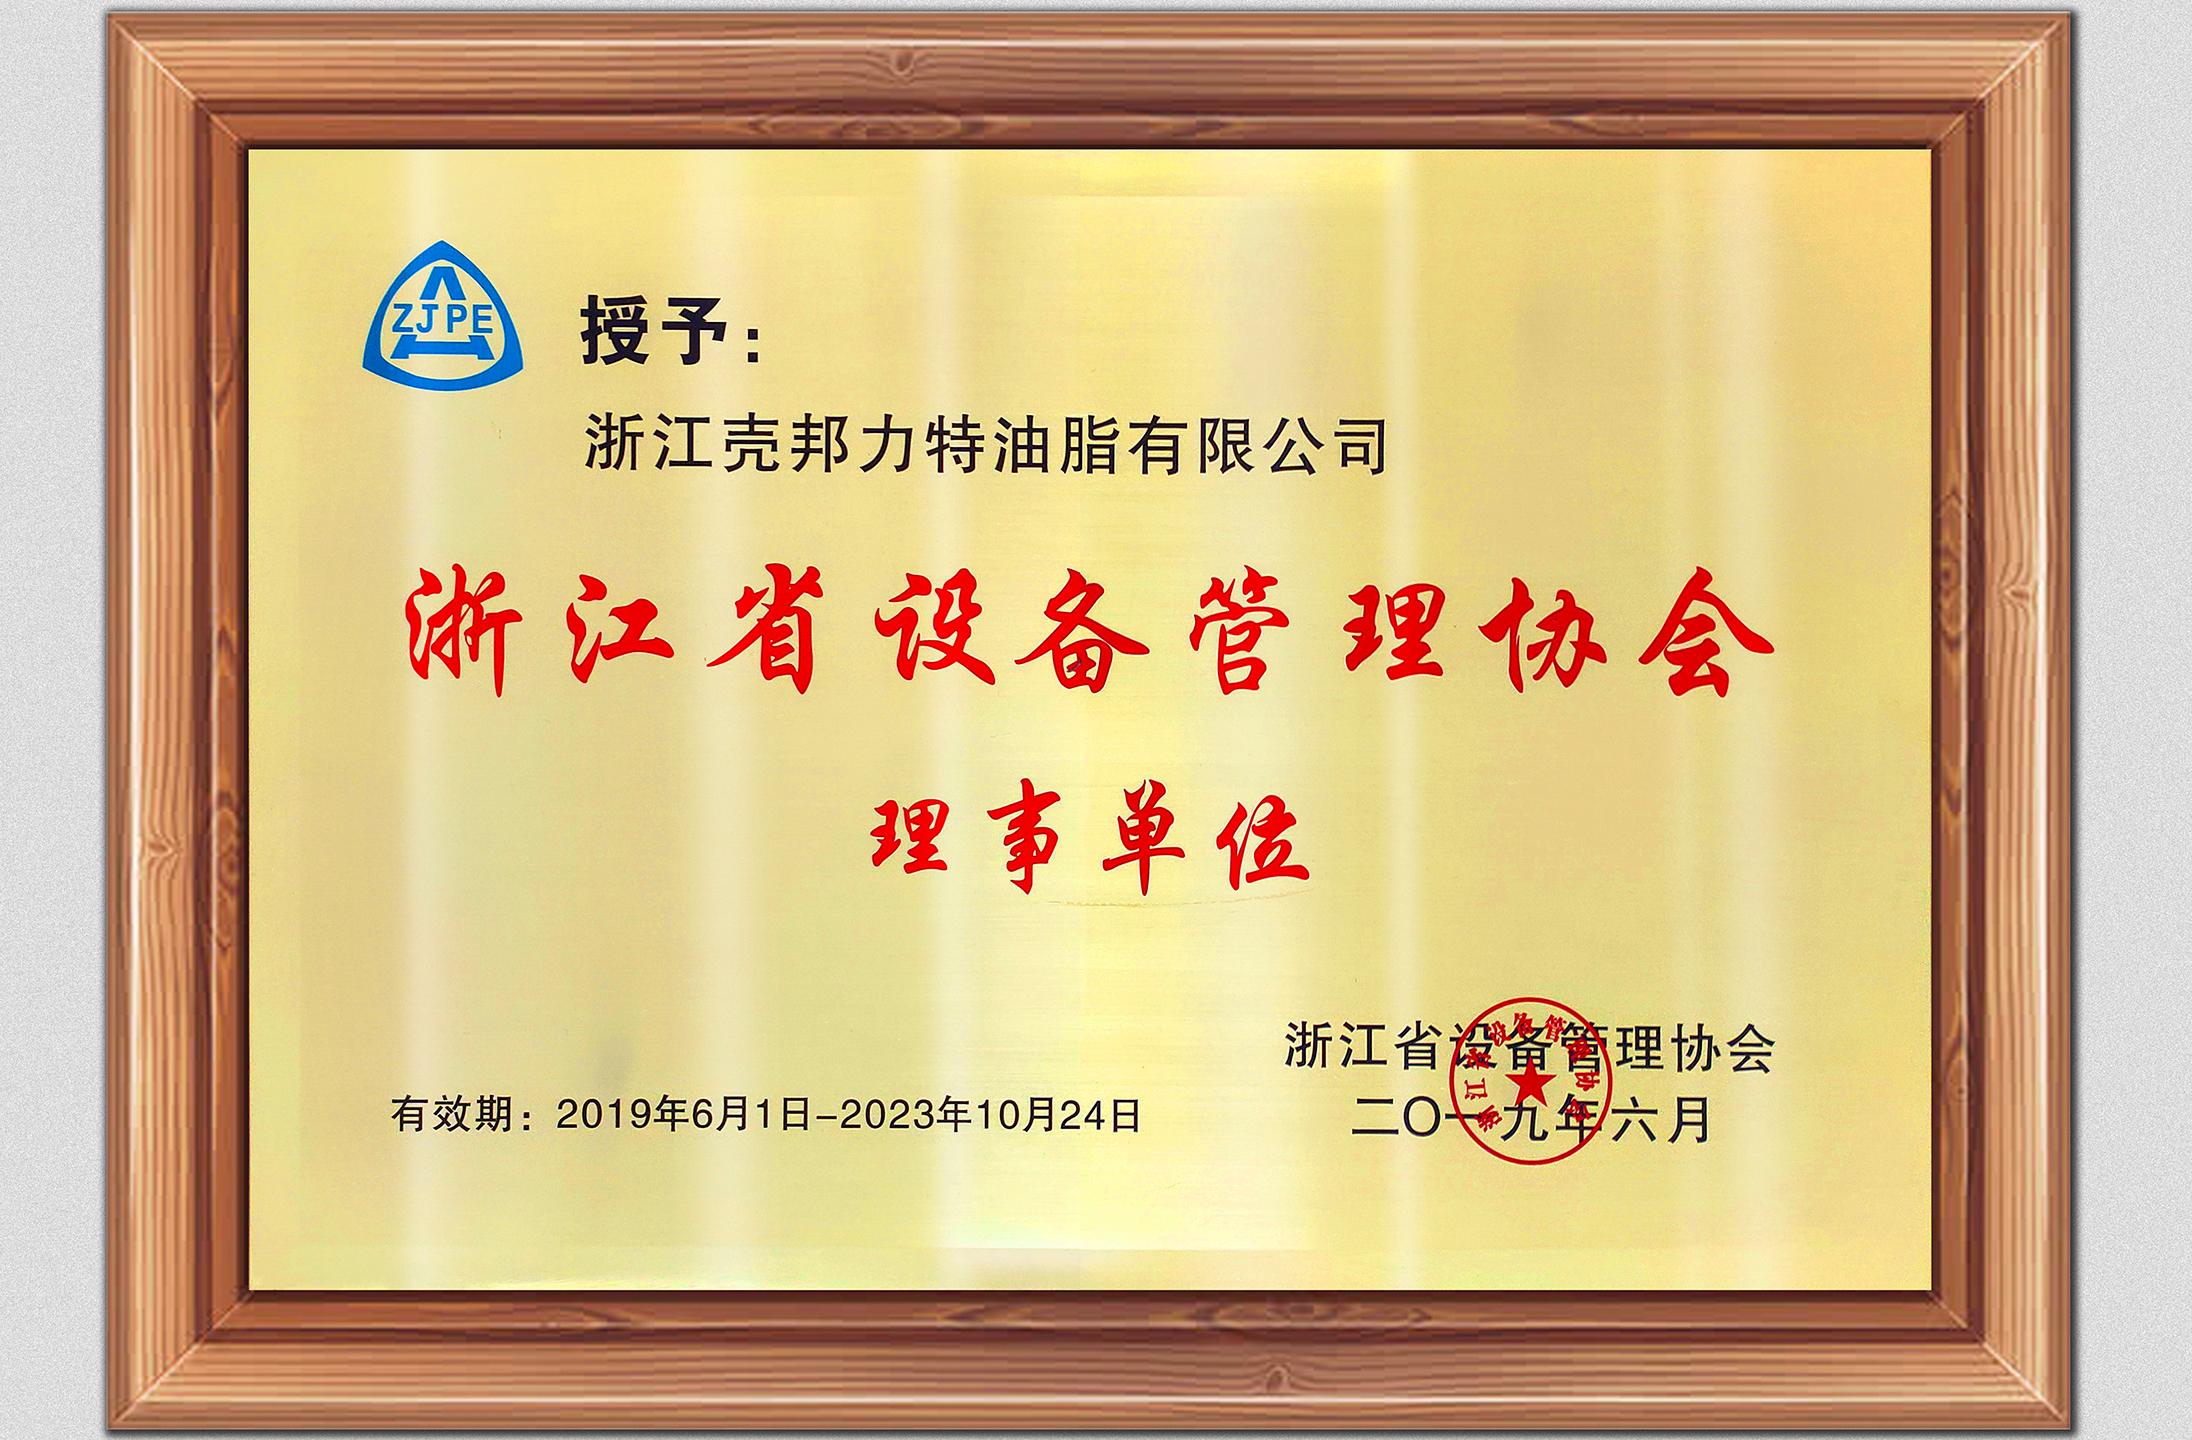 浙江省设备管理协会